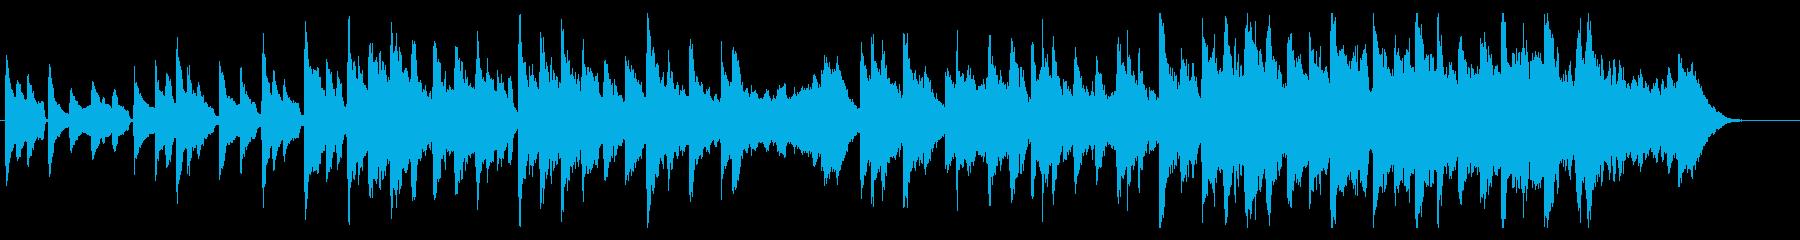 ほのぼの日常風景 春のポカポカ感ピアノの再生済みの波形